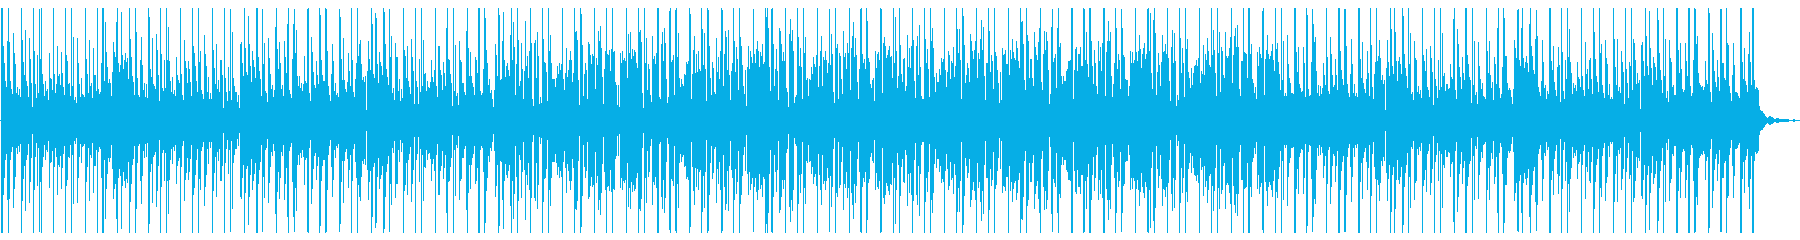 (夏)癒し風鈴とフルートの日本風ビートの再生済みの波形